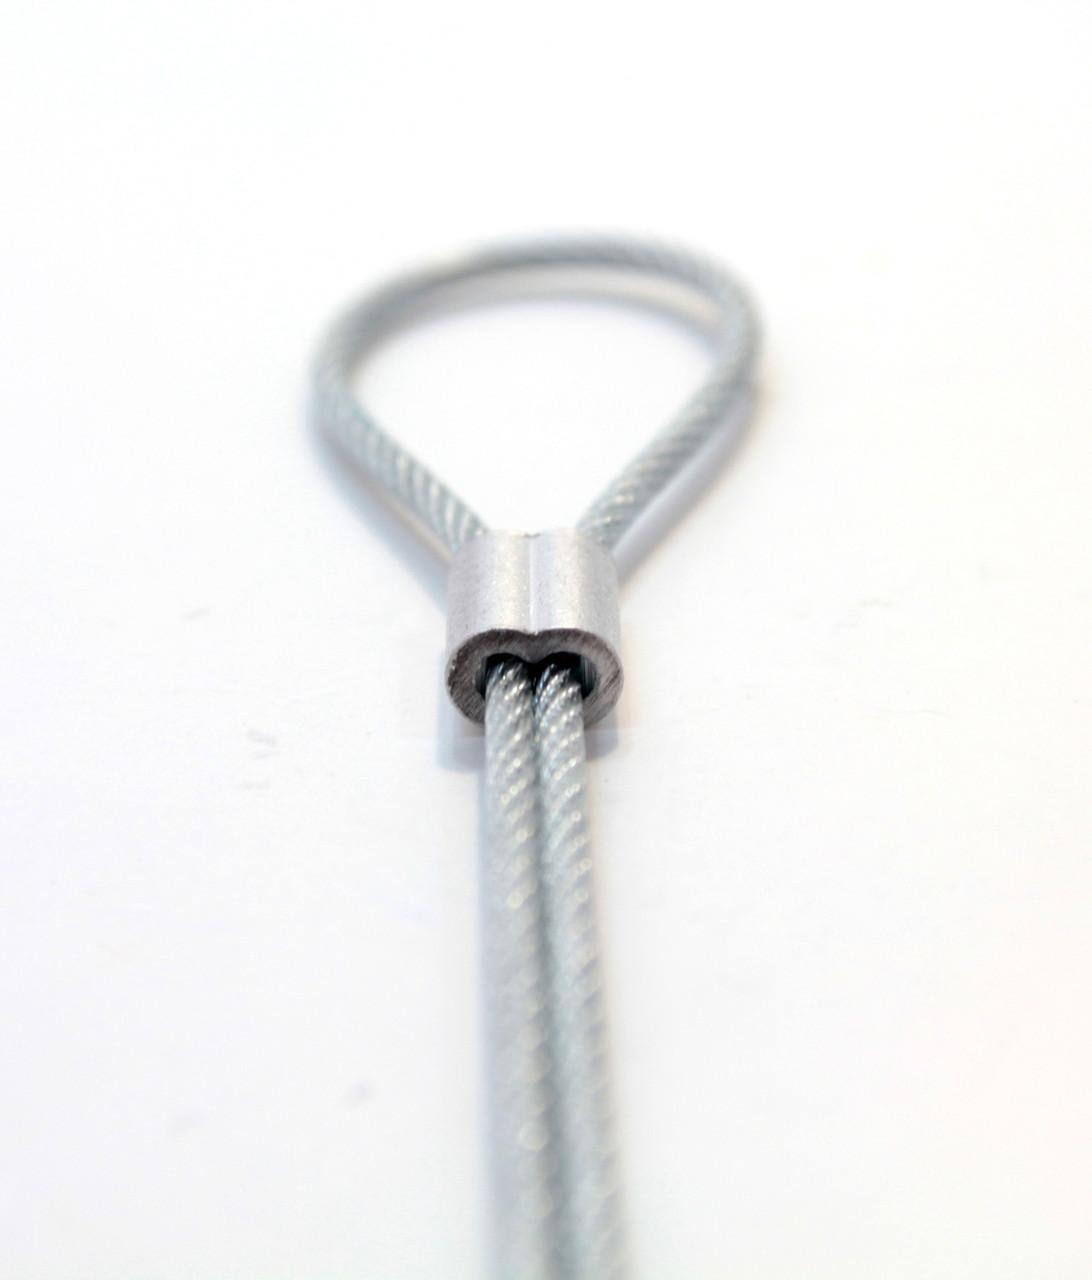 Фиксатор для троса (диаметр отверстий 2 мм)